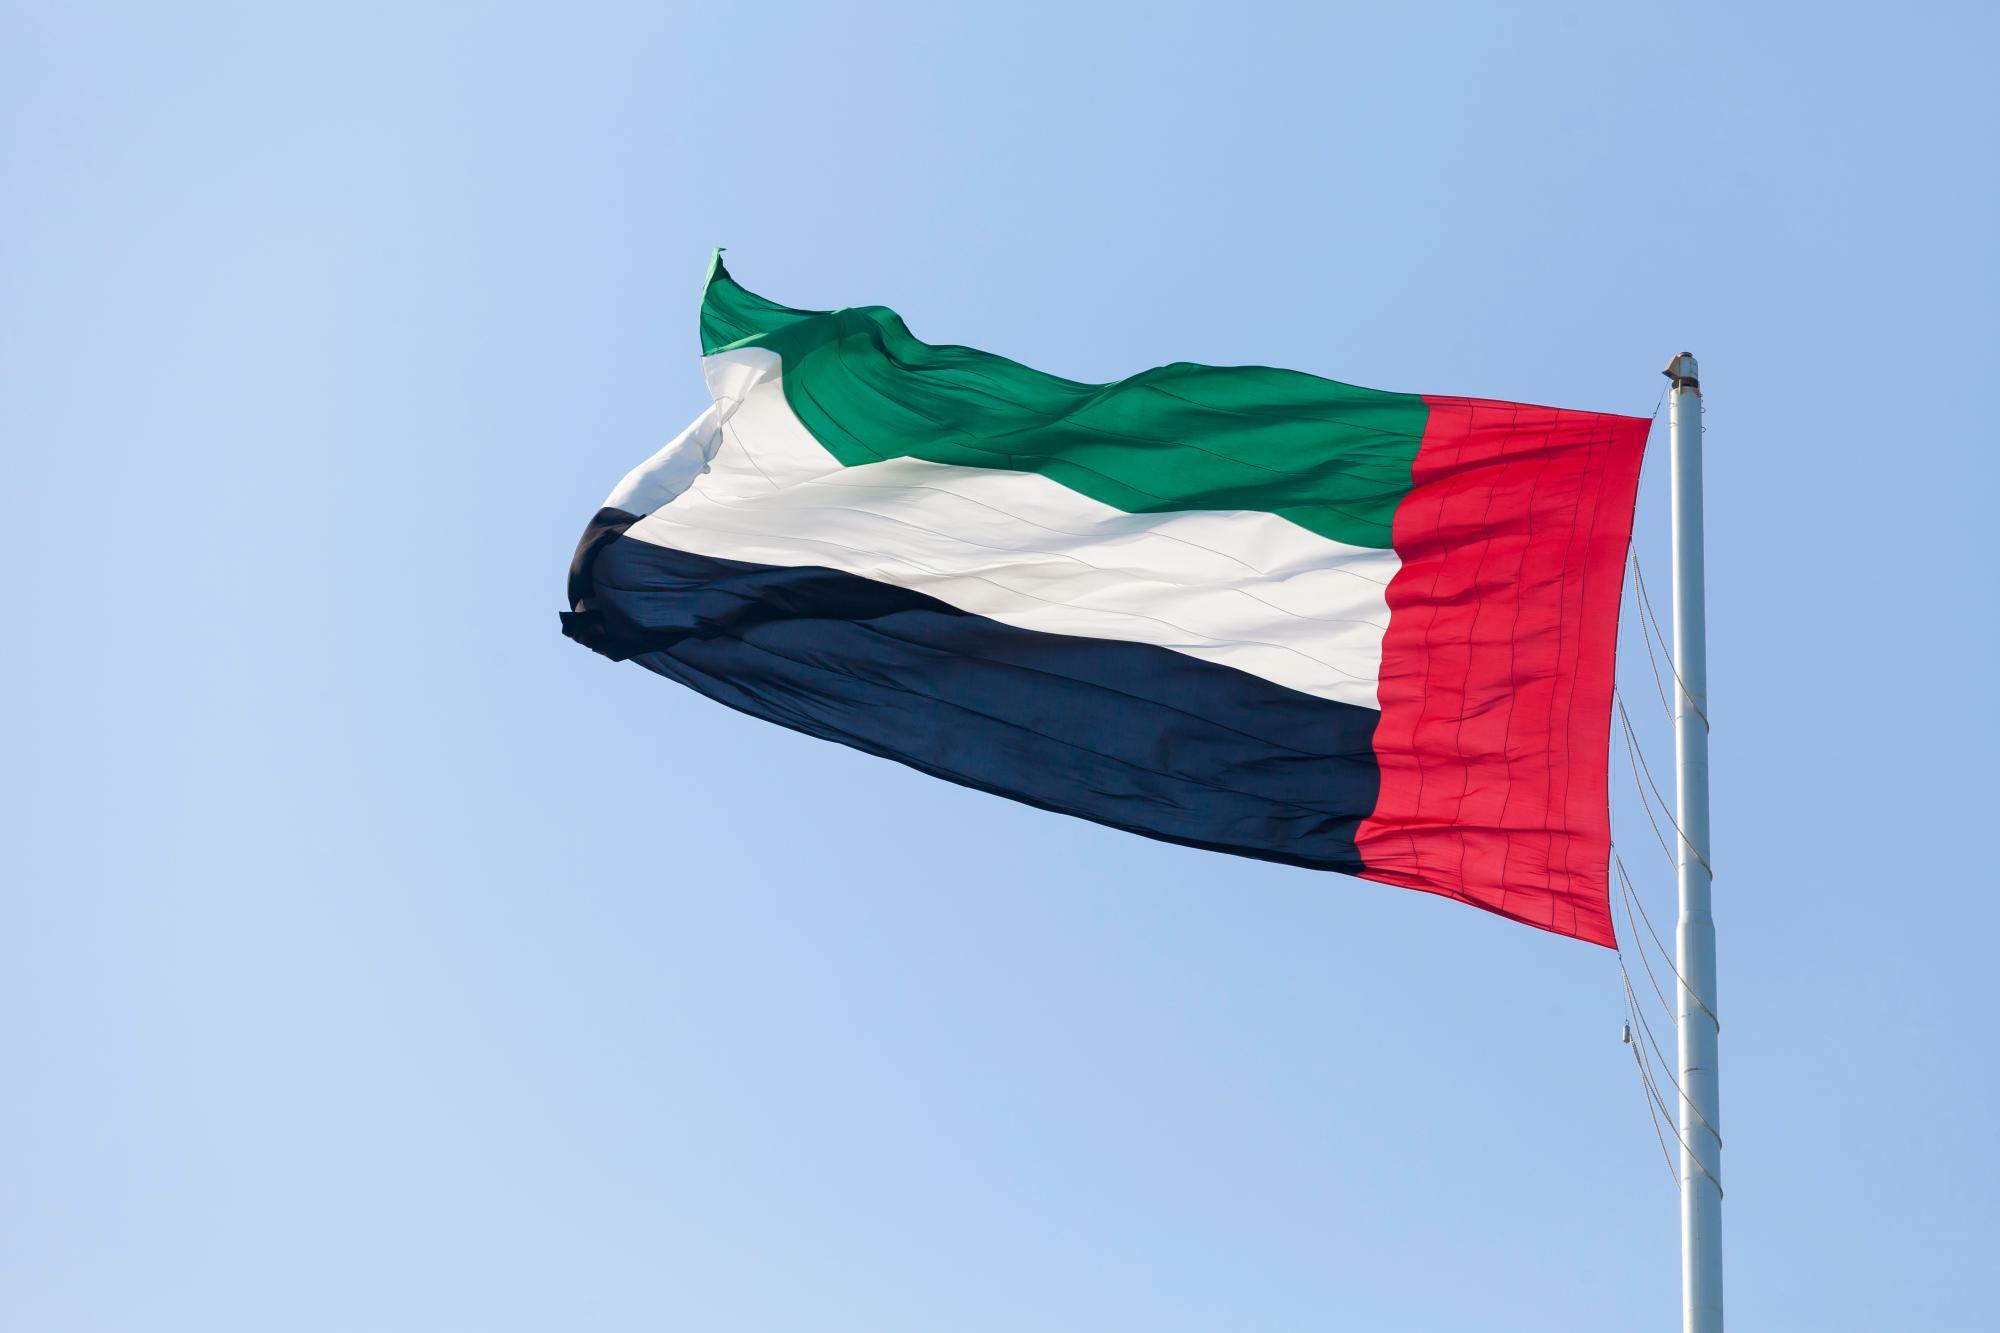 ОАЭ присоединились к Конвенции об административной помощи по налоговым делам